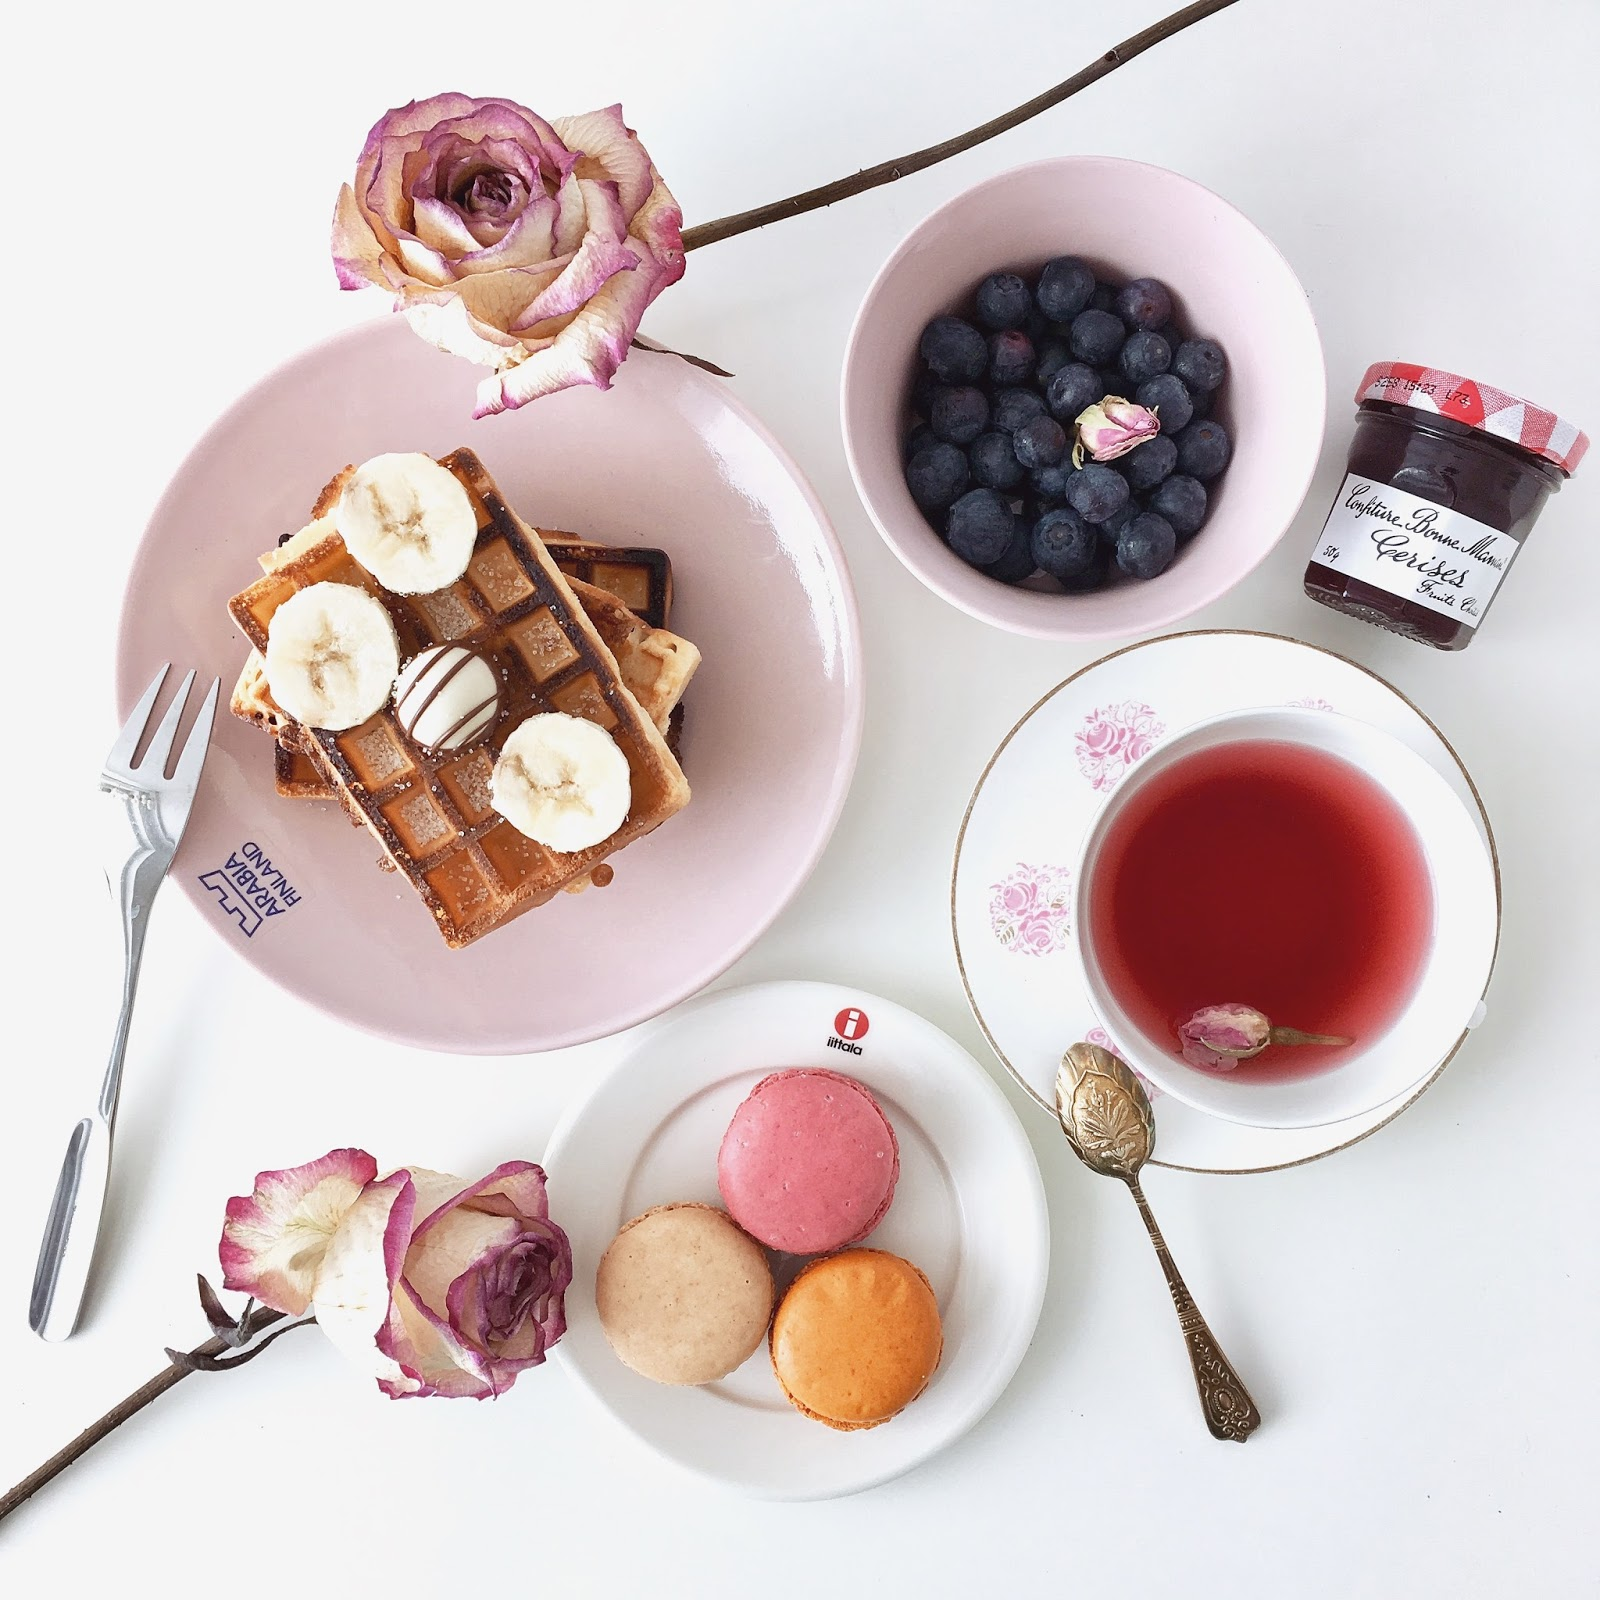 Tea Time! Deluxe Macarons, Belgian Waffle & Super Berries